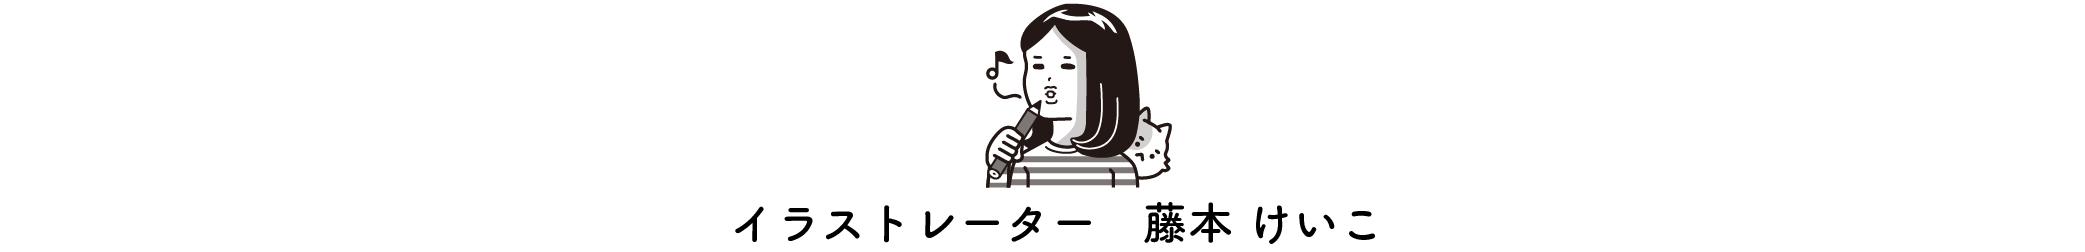 藤本 けいこ illustrator